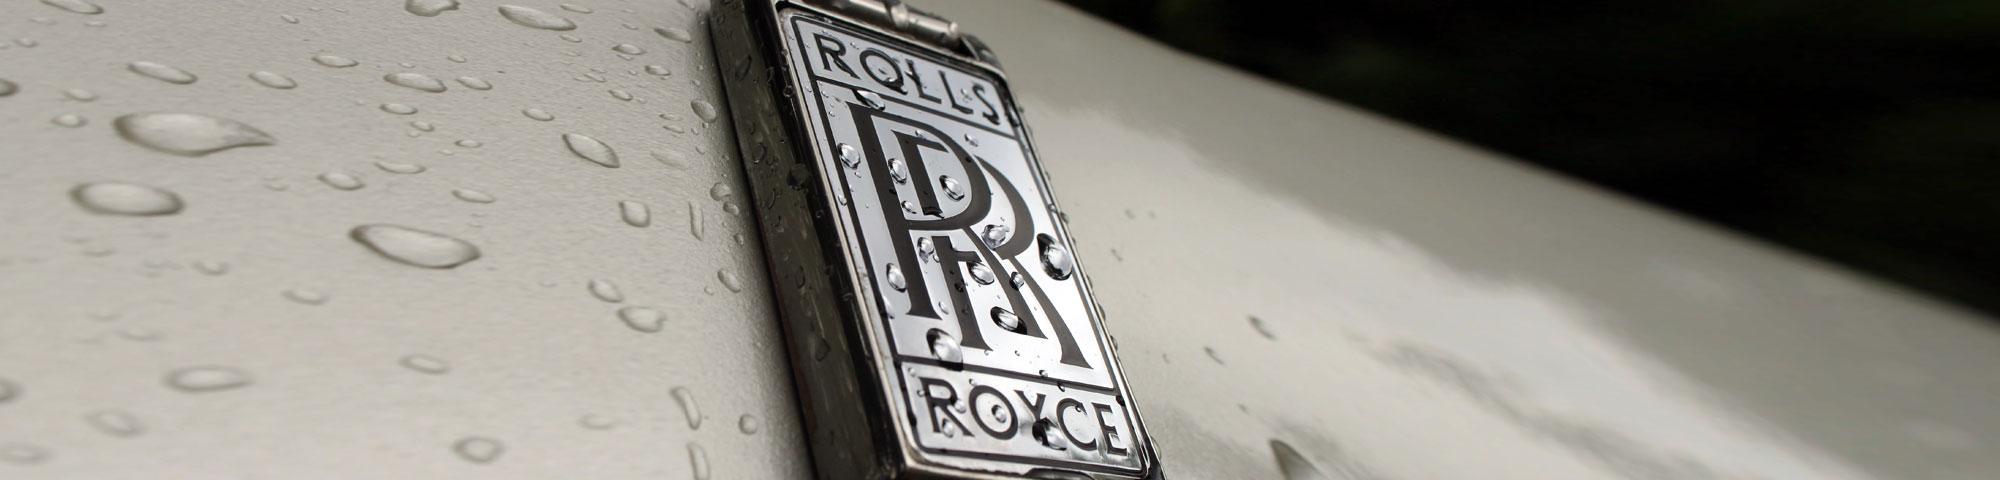 CLMS - Manufacturer - Rolls-Royce